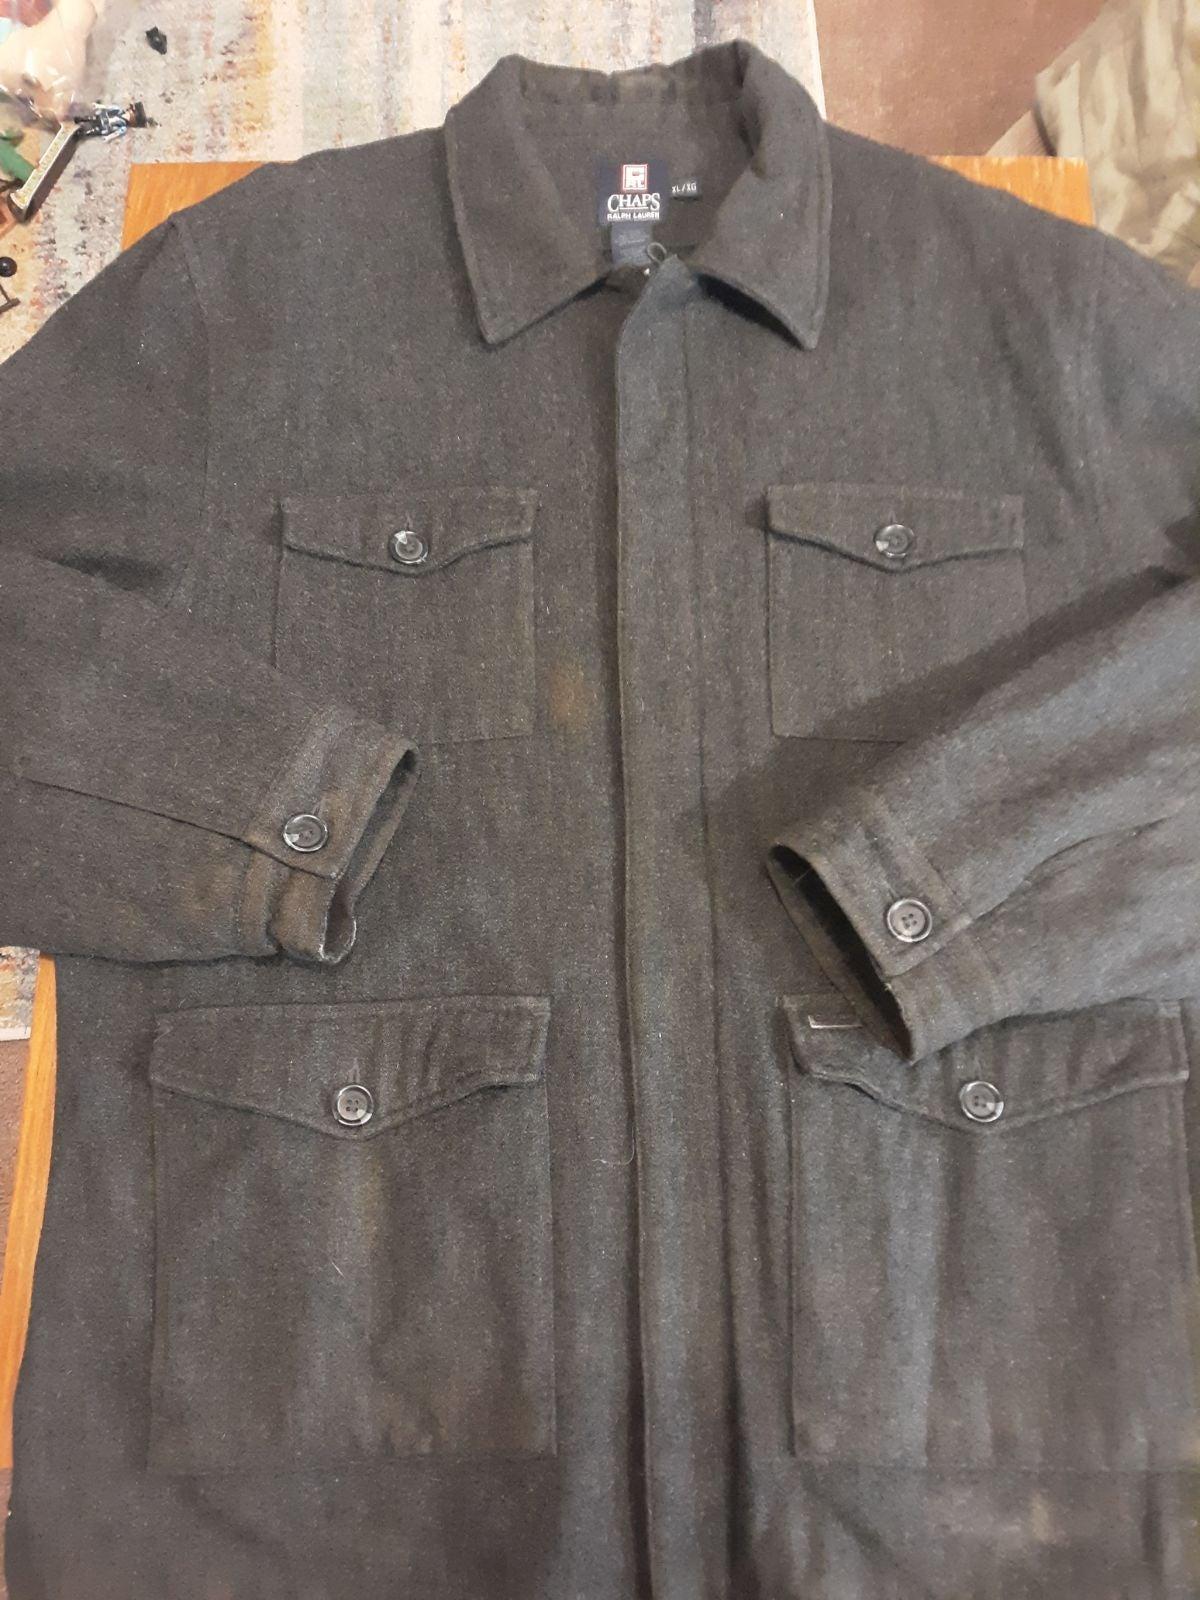 Chaps Jacket by Ralph lauren